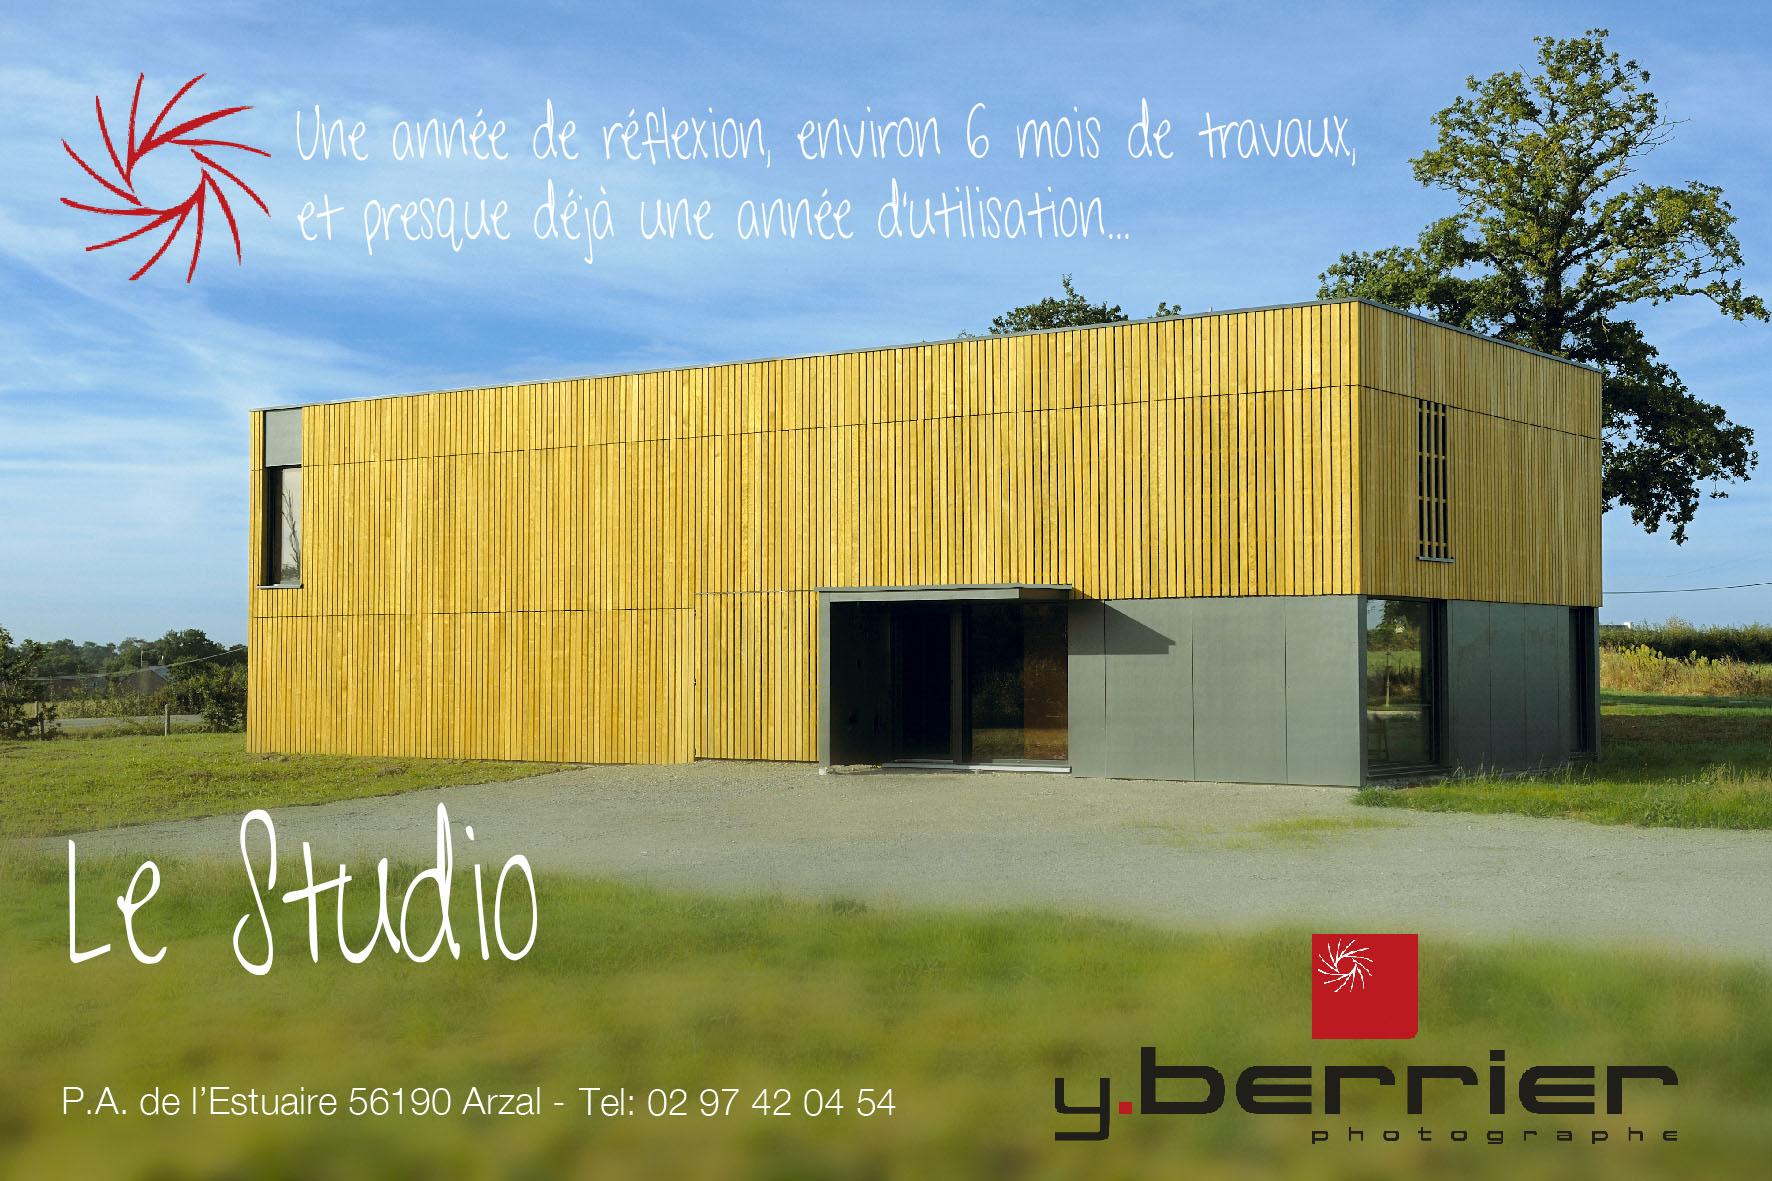 carte d'invitation, exterieur du studio de prise de vue d'Yves Berrier